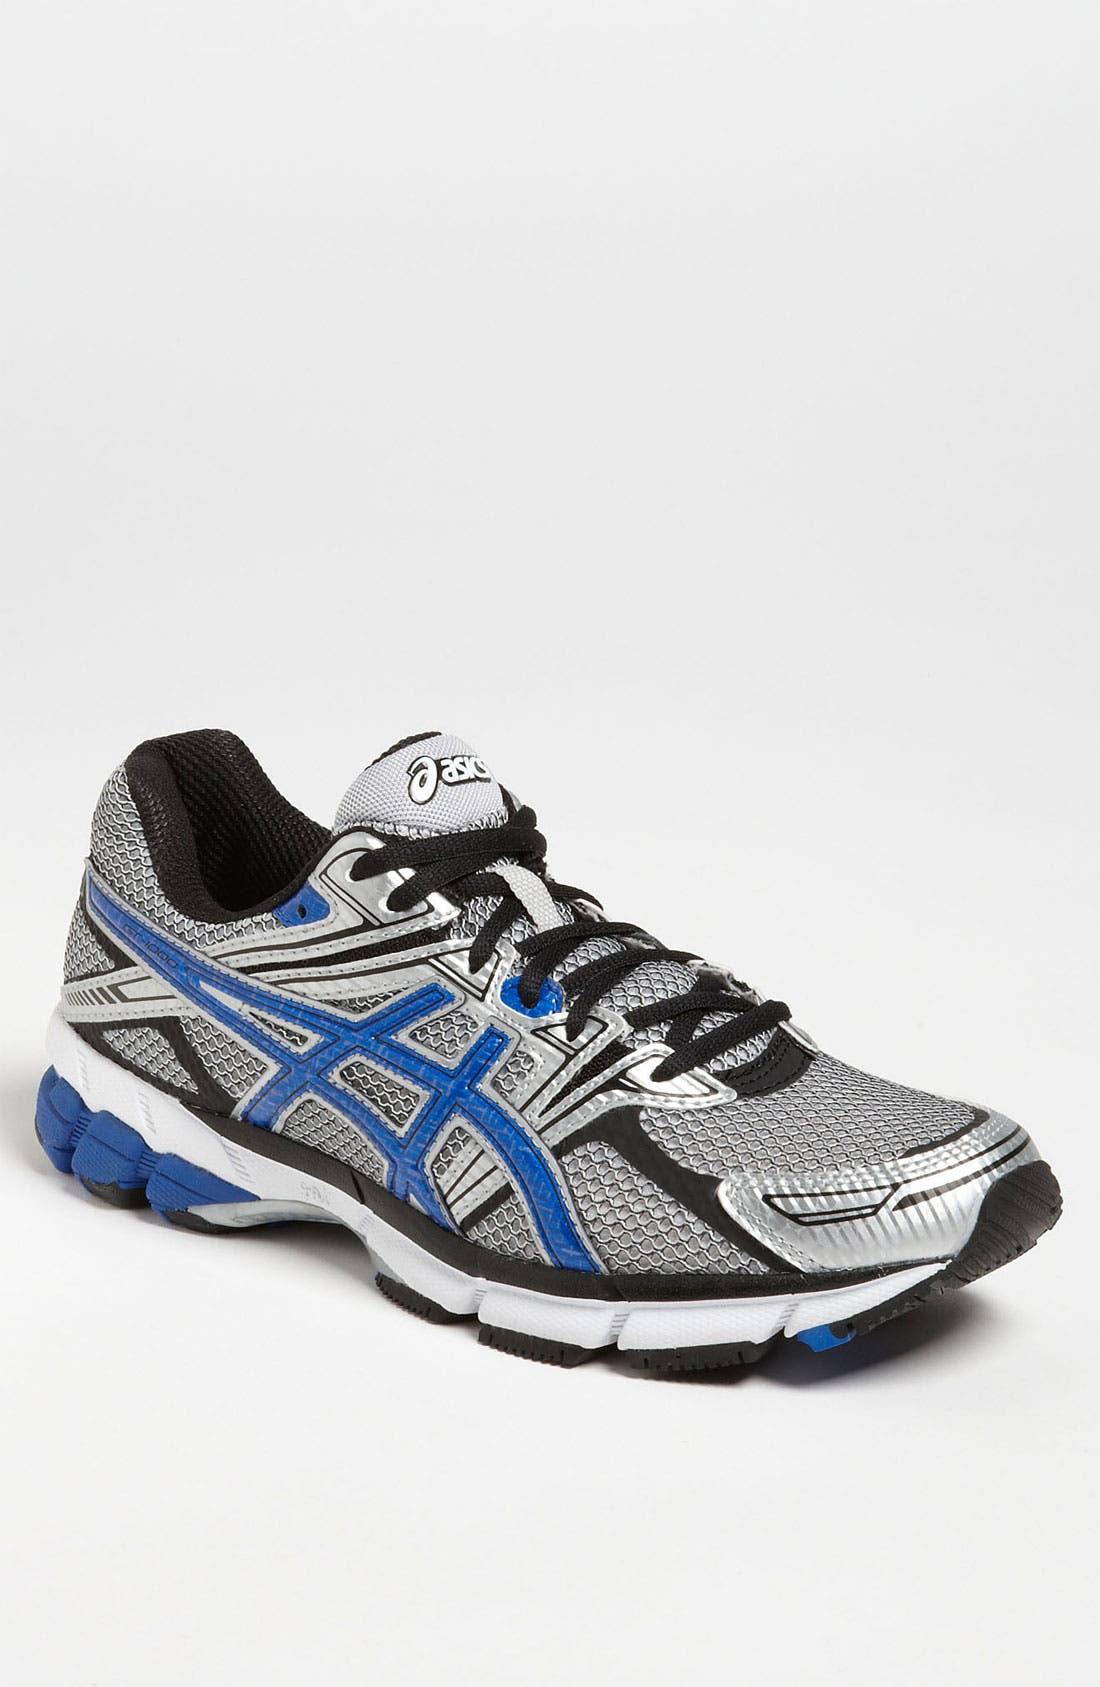 Alternate Image 1 Selected - ASICS® 'GT-1000 ' Running Shoe (Men)